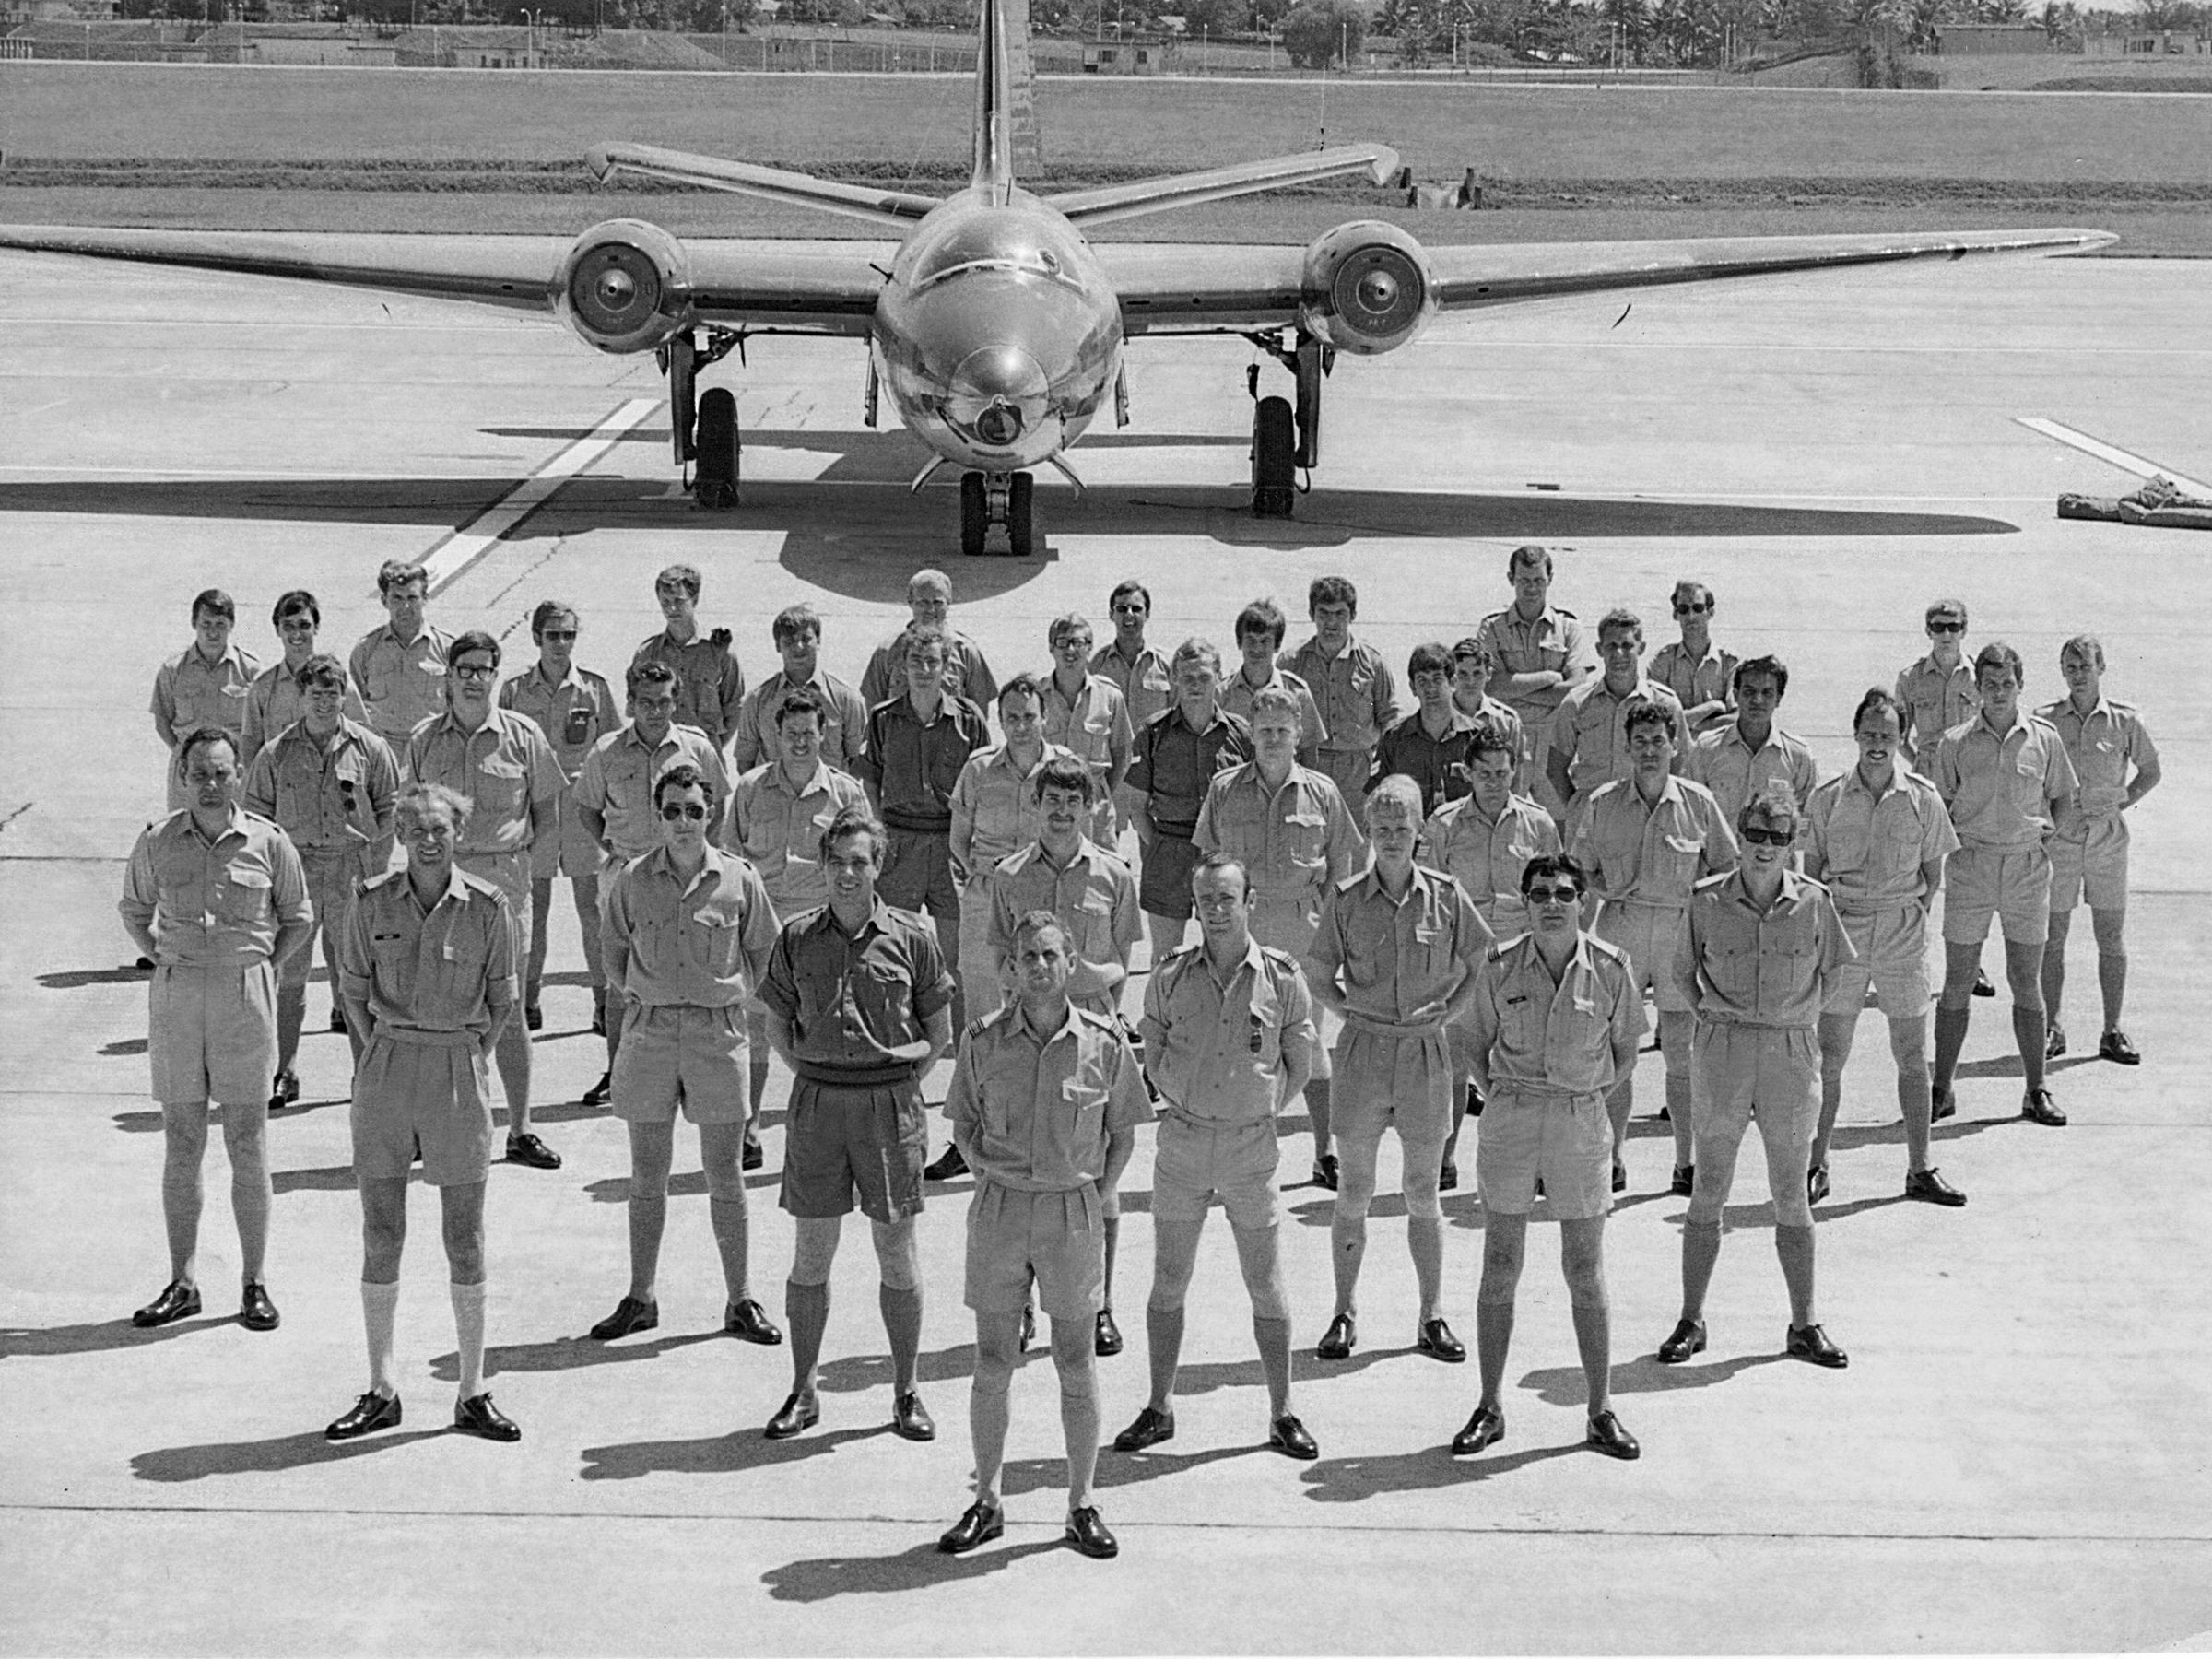 Le foto dei piloti della Raf impegnati nella Guerra Fredda e nella Guerra delle Falkland